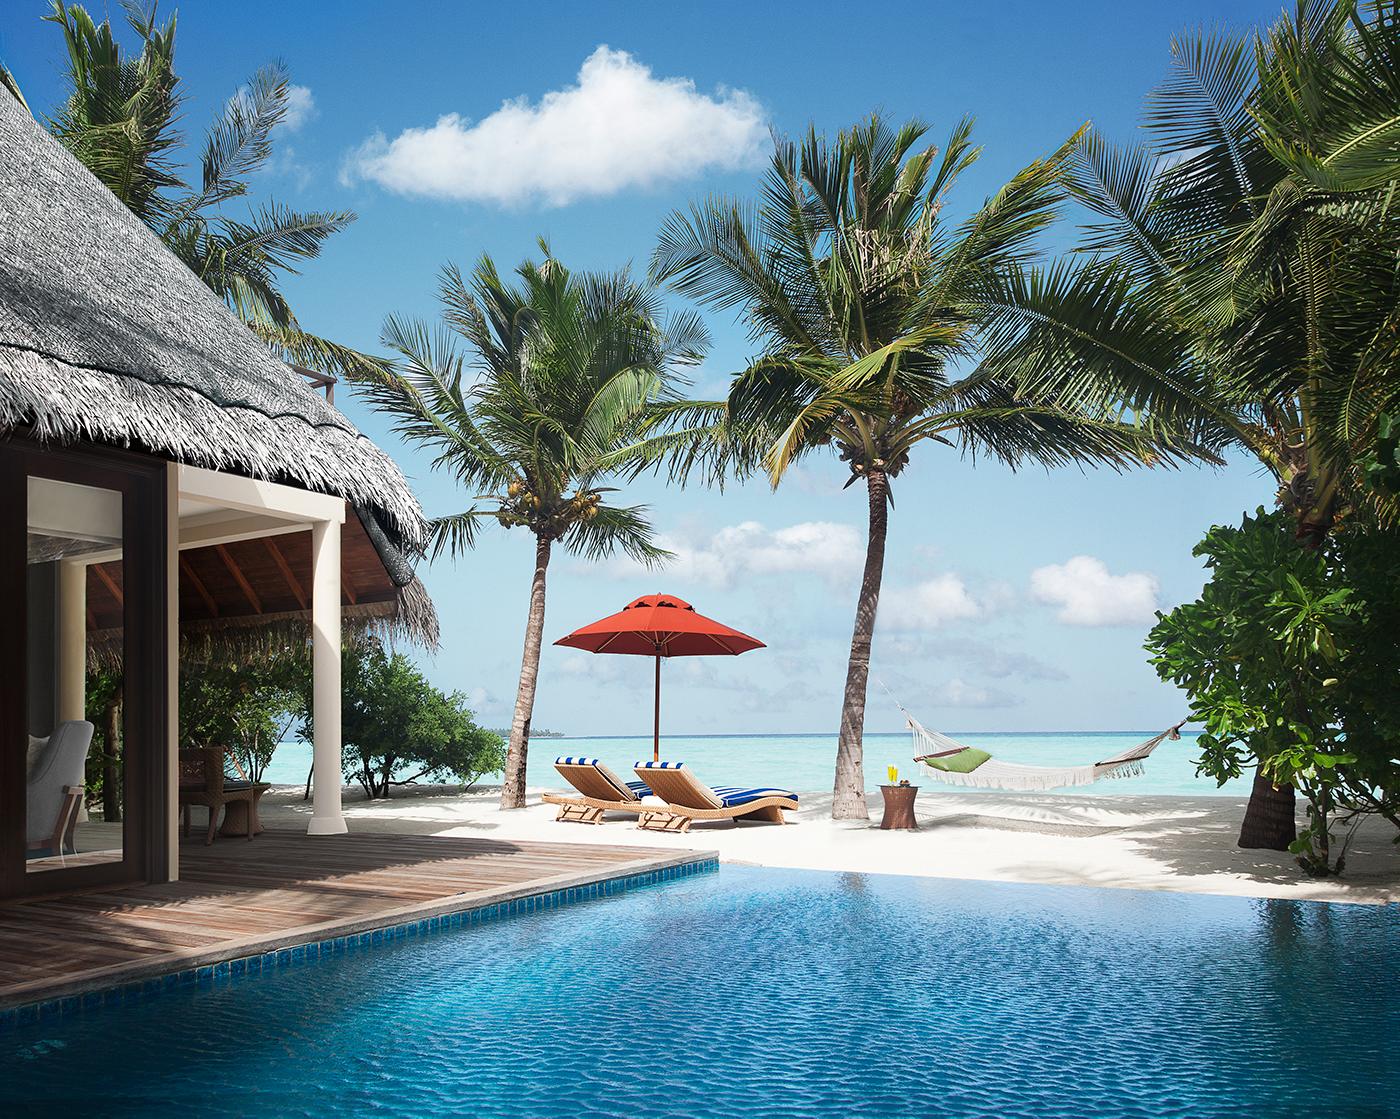 Taj Exotica Resort bliss